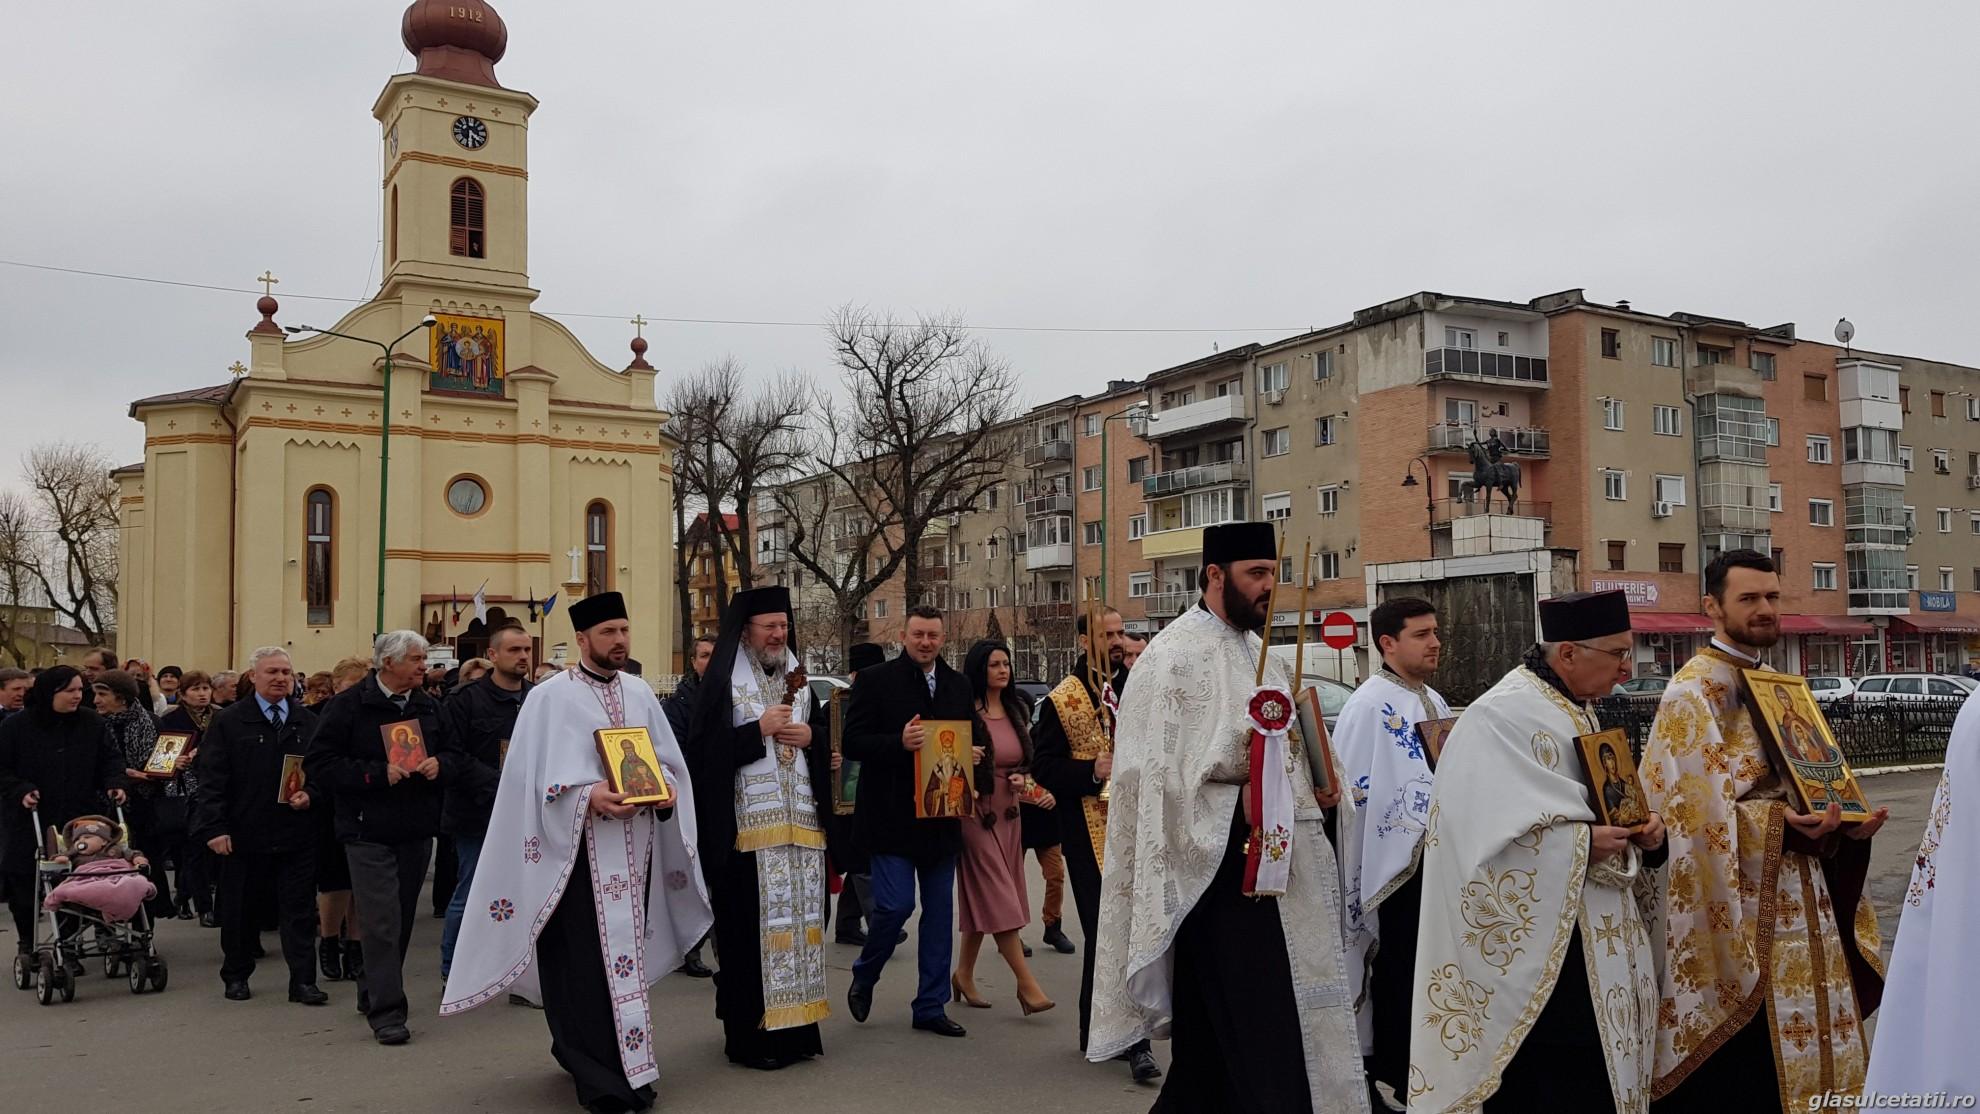 (FOTO) Duminica Ortodoxiei - Ziua fiecărui creștin ortodox. Liturghie Arhierească și Procesiune cu icoane în Parohia Ineu